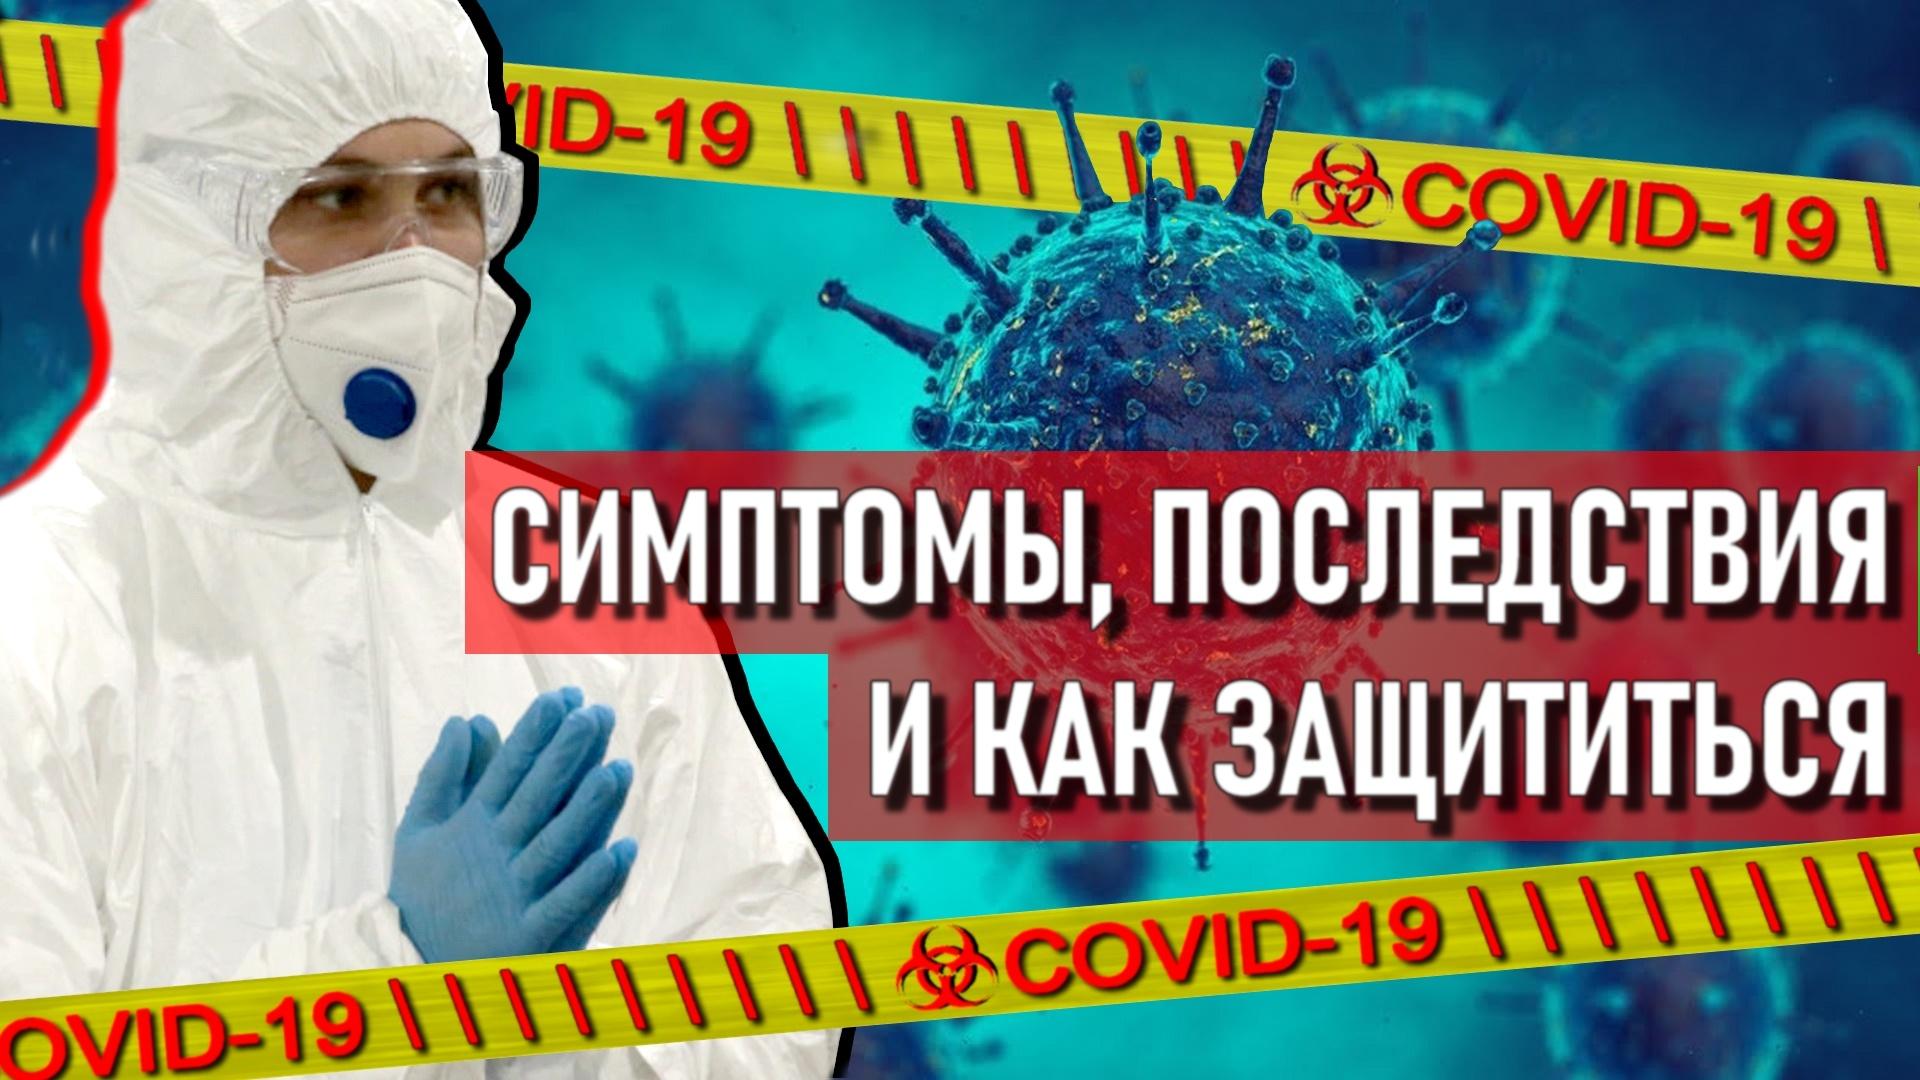 Вся правда о коронавирусе! Что такое коронавирус и Откуда взялся коронавирус covid-19